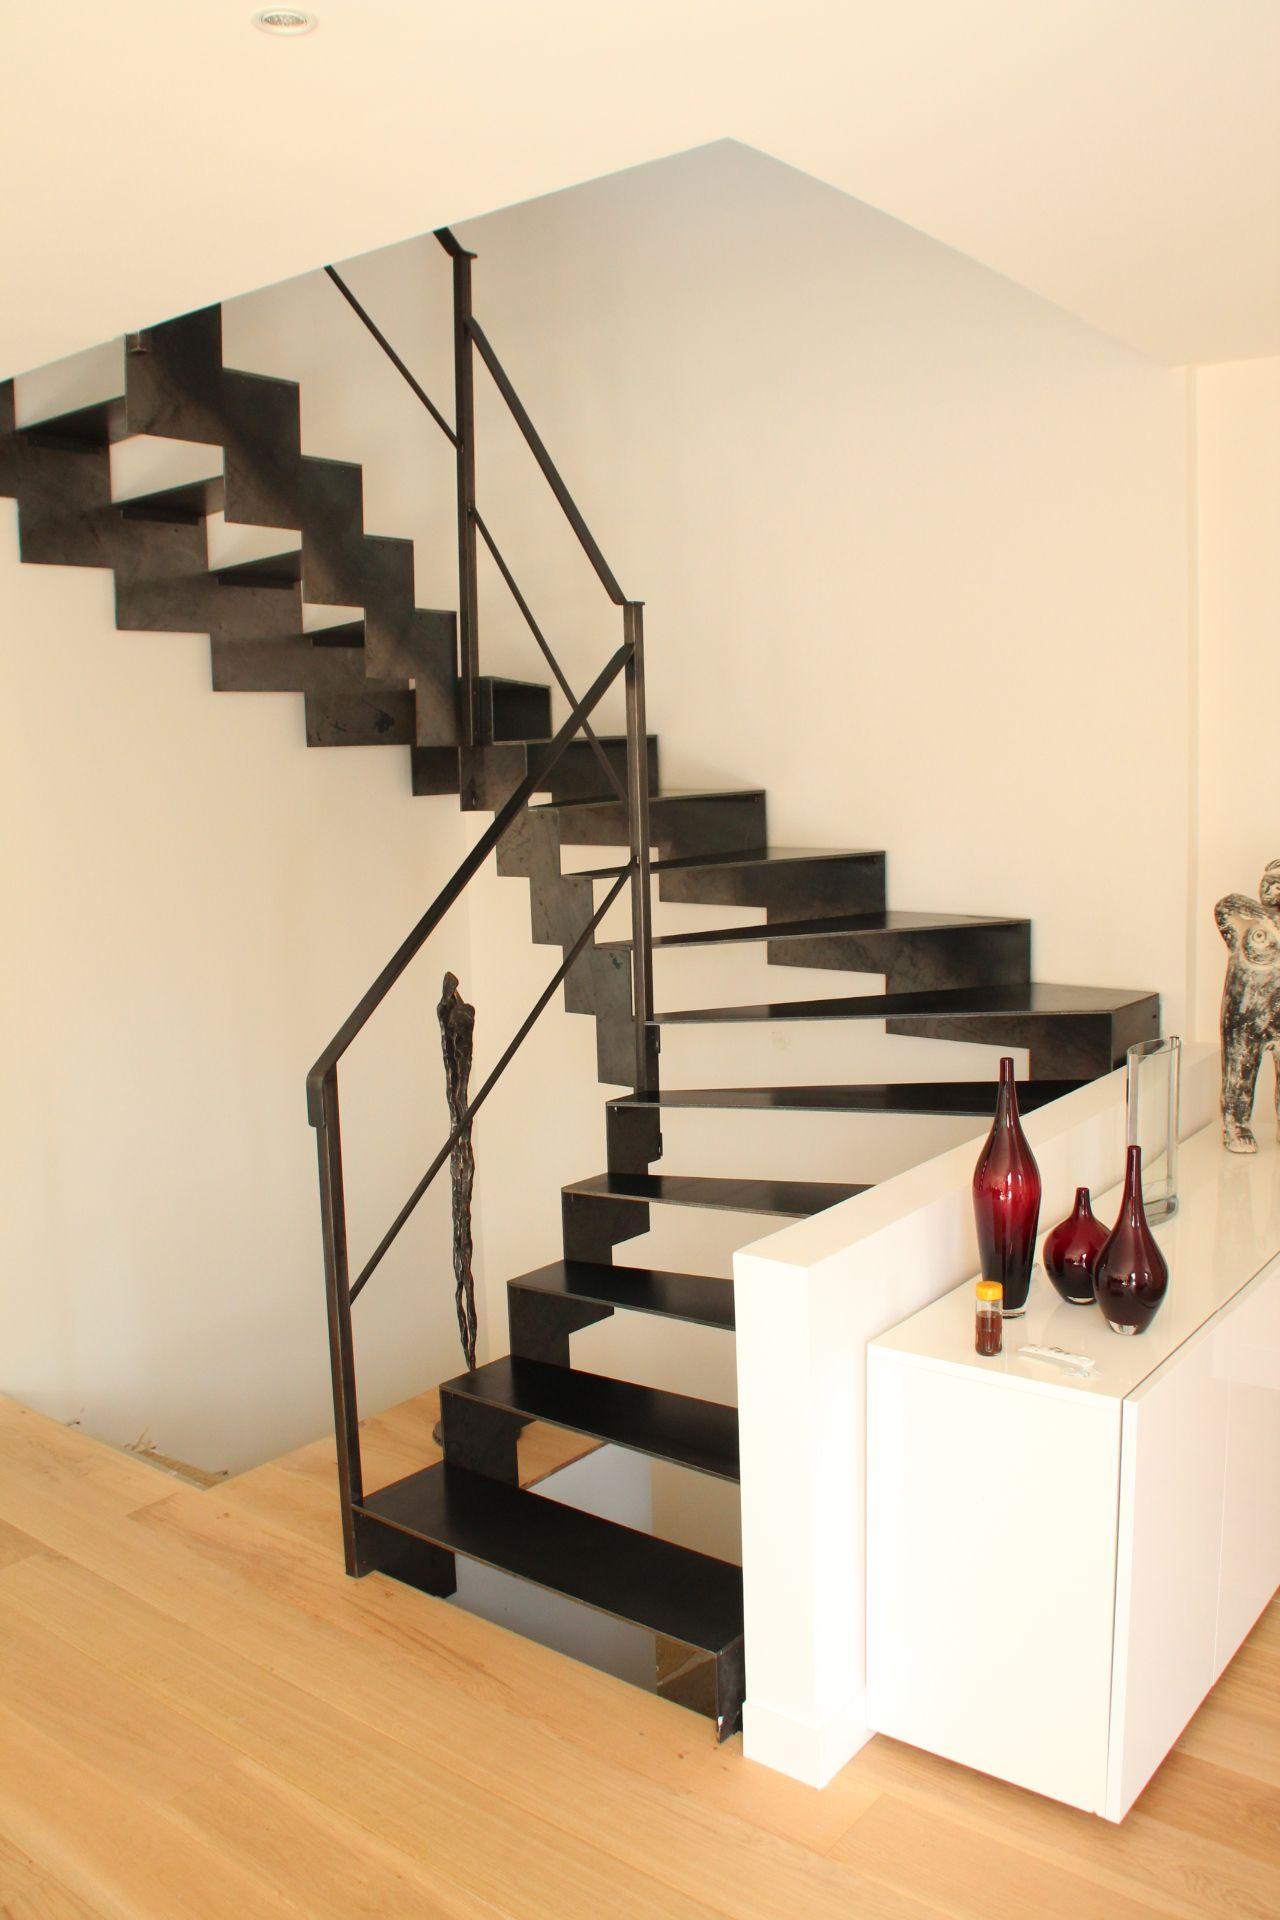 Escalier Balanc T Le Et Tube Dacier Brut Made By